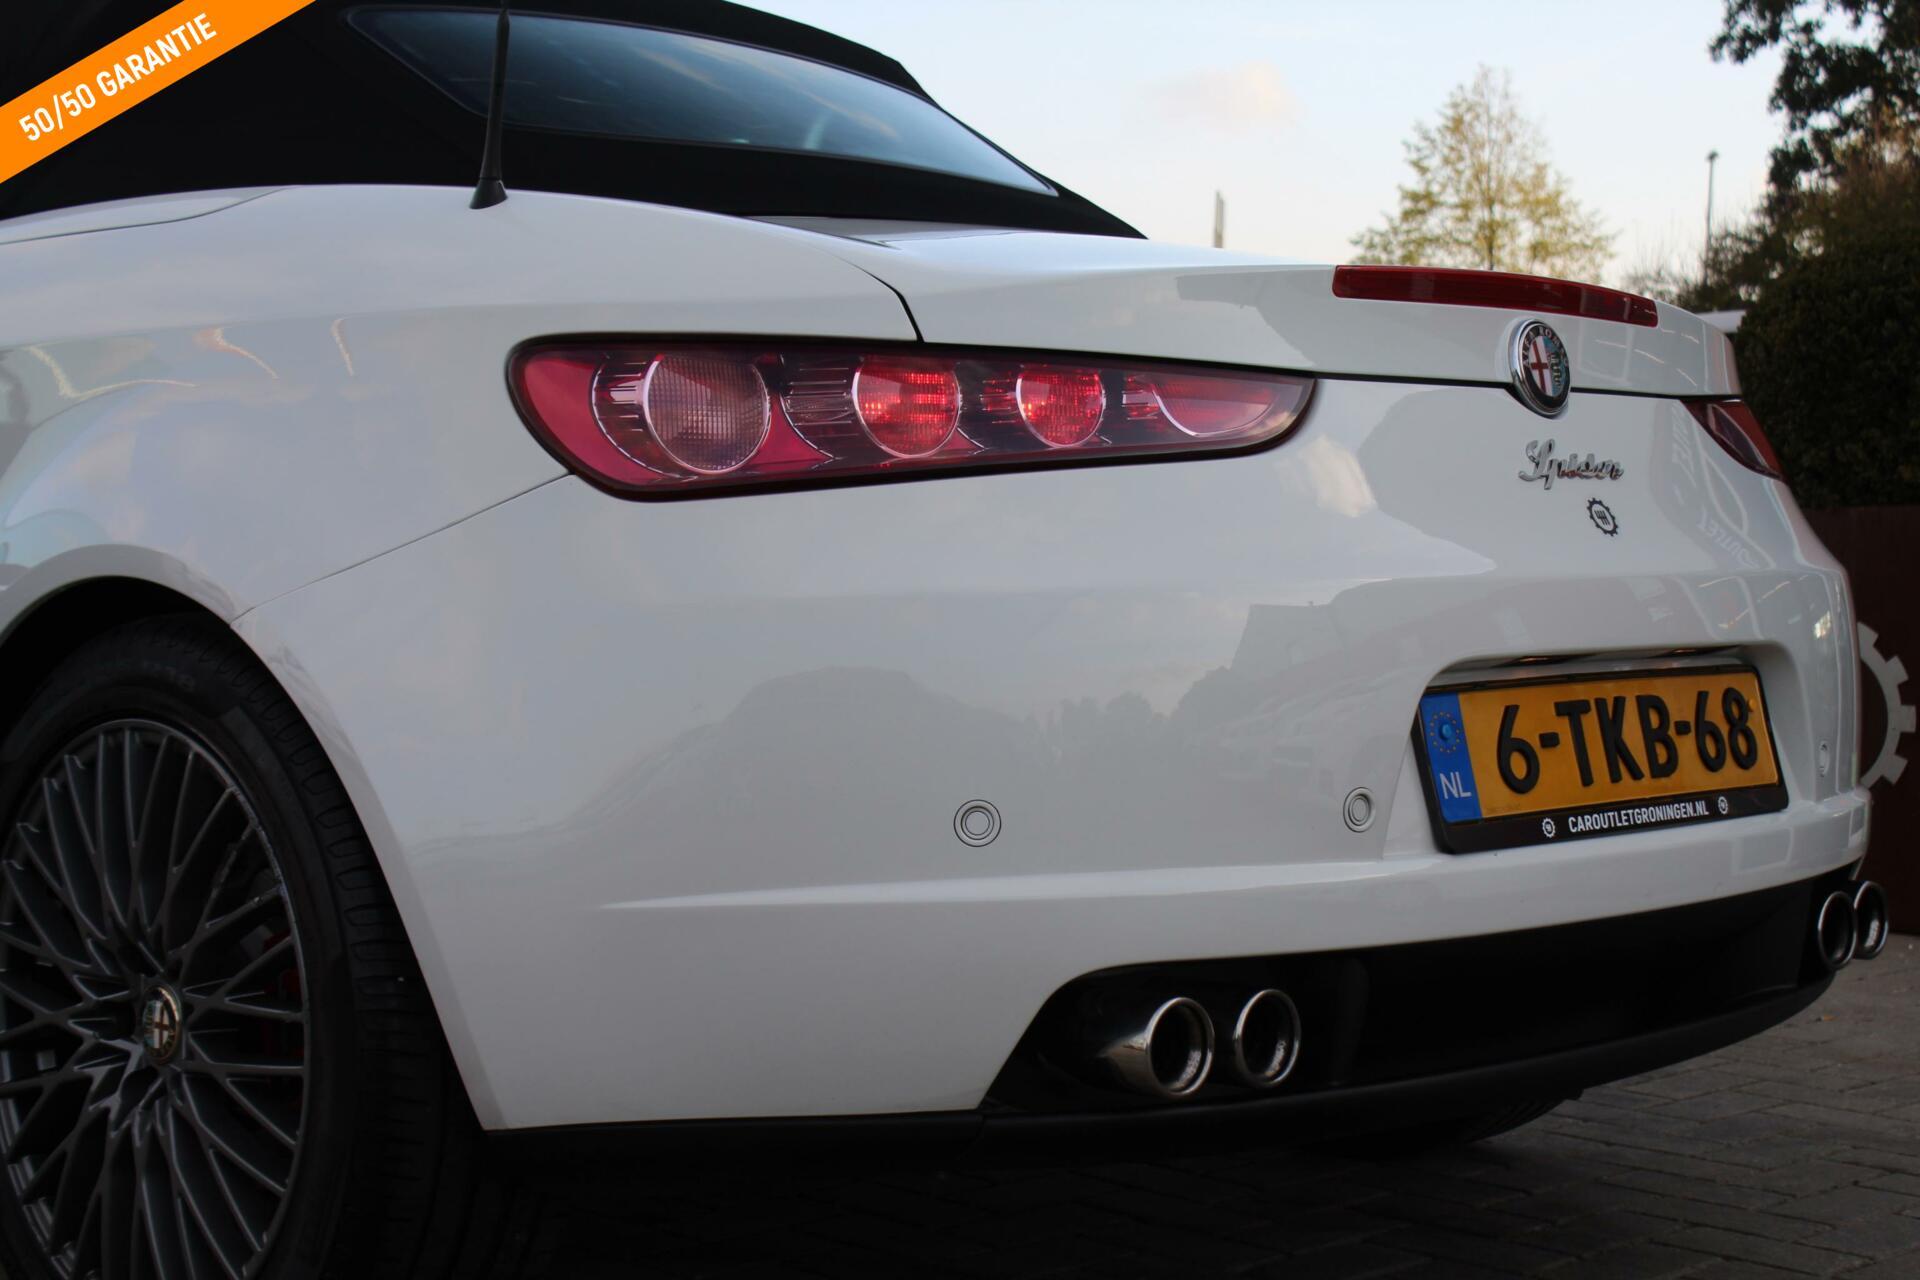 Caroutlet Groningen - Alfa Romeo Spider 1.7 T Sport   1750 TBI   LEDER   NAVI